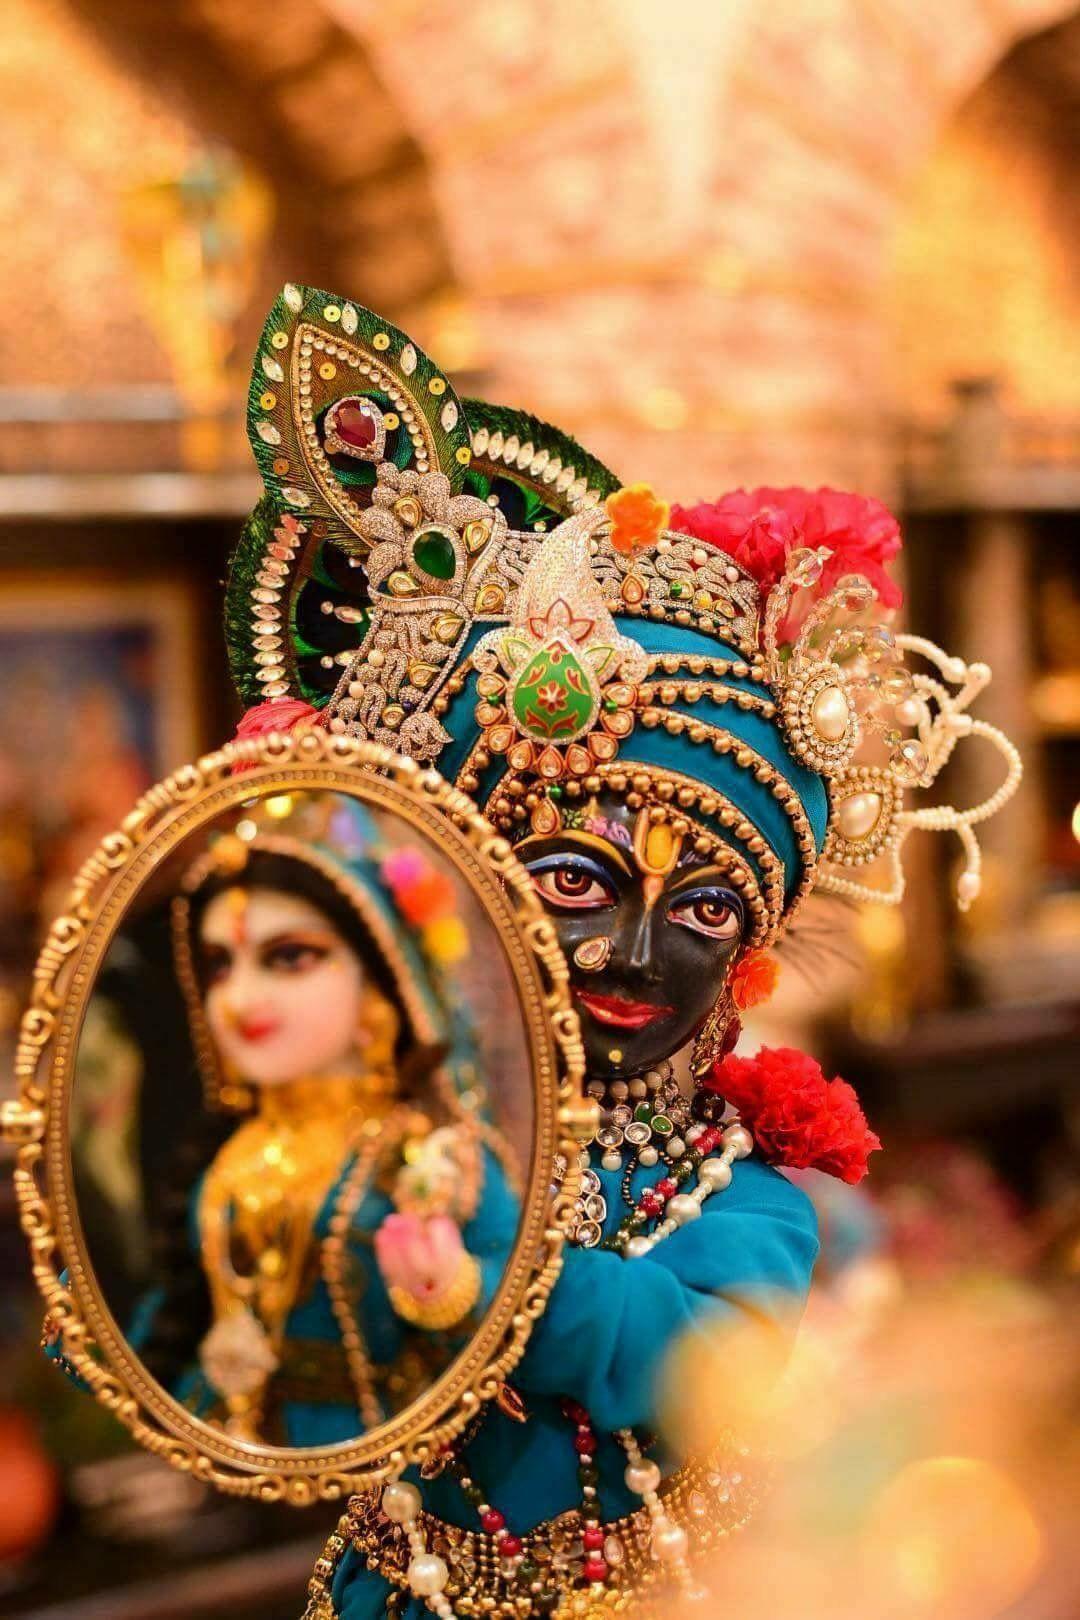 Pin By Smita Agarwal On Kanha Krishna Wallpaper Lord Krishna Wallpapers Shree Krishna Wallpapers